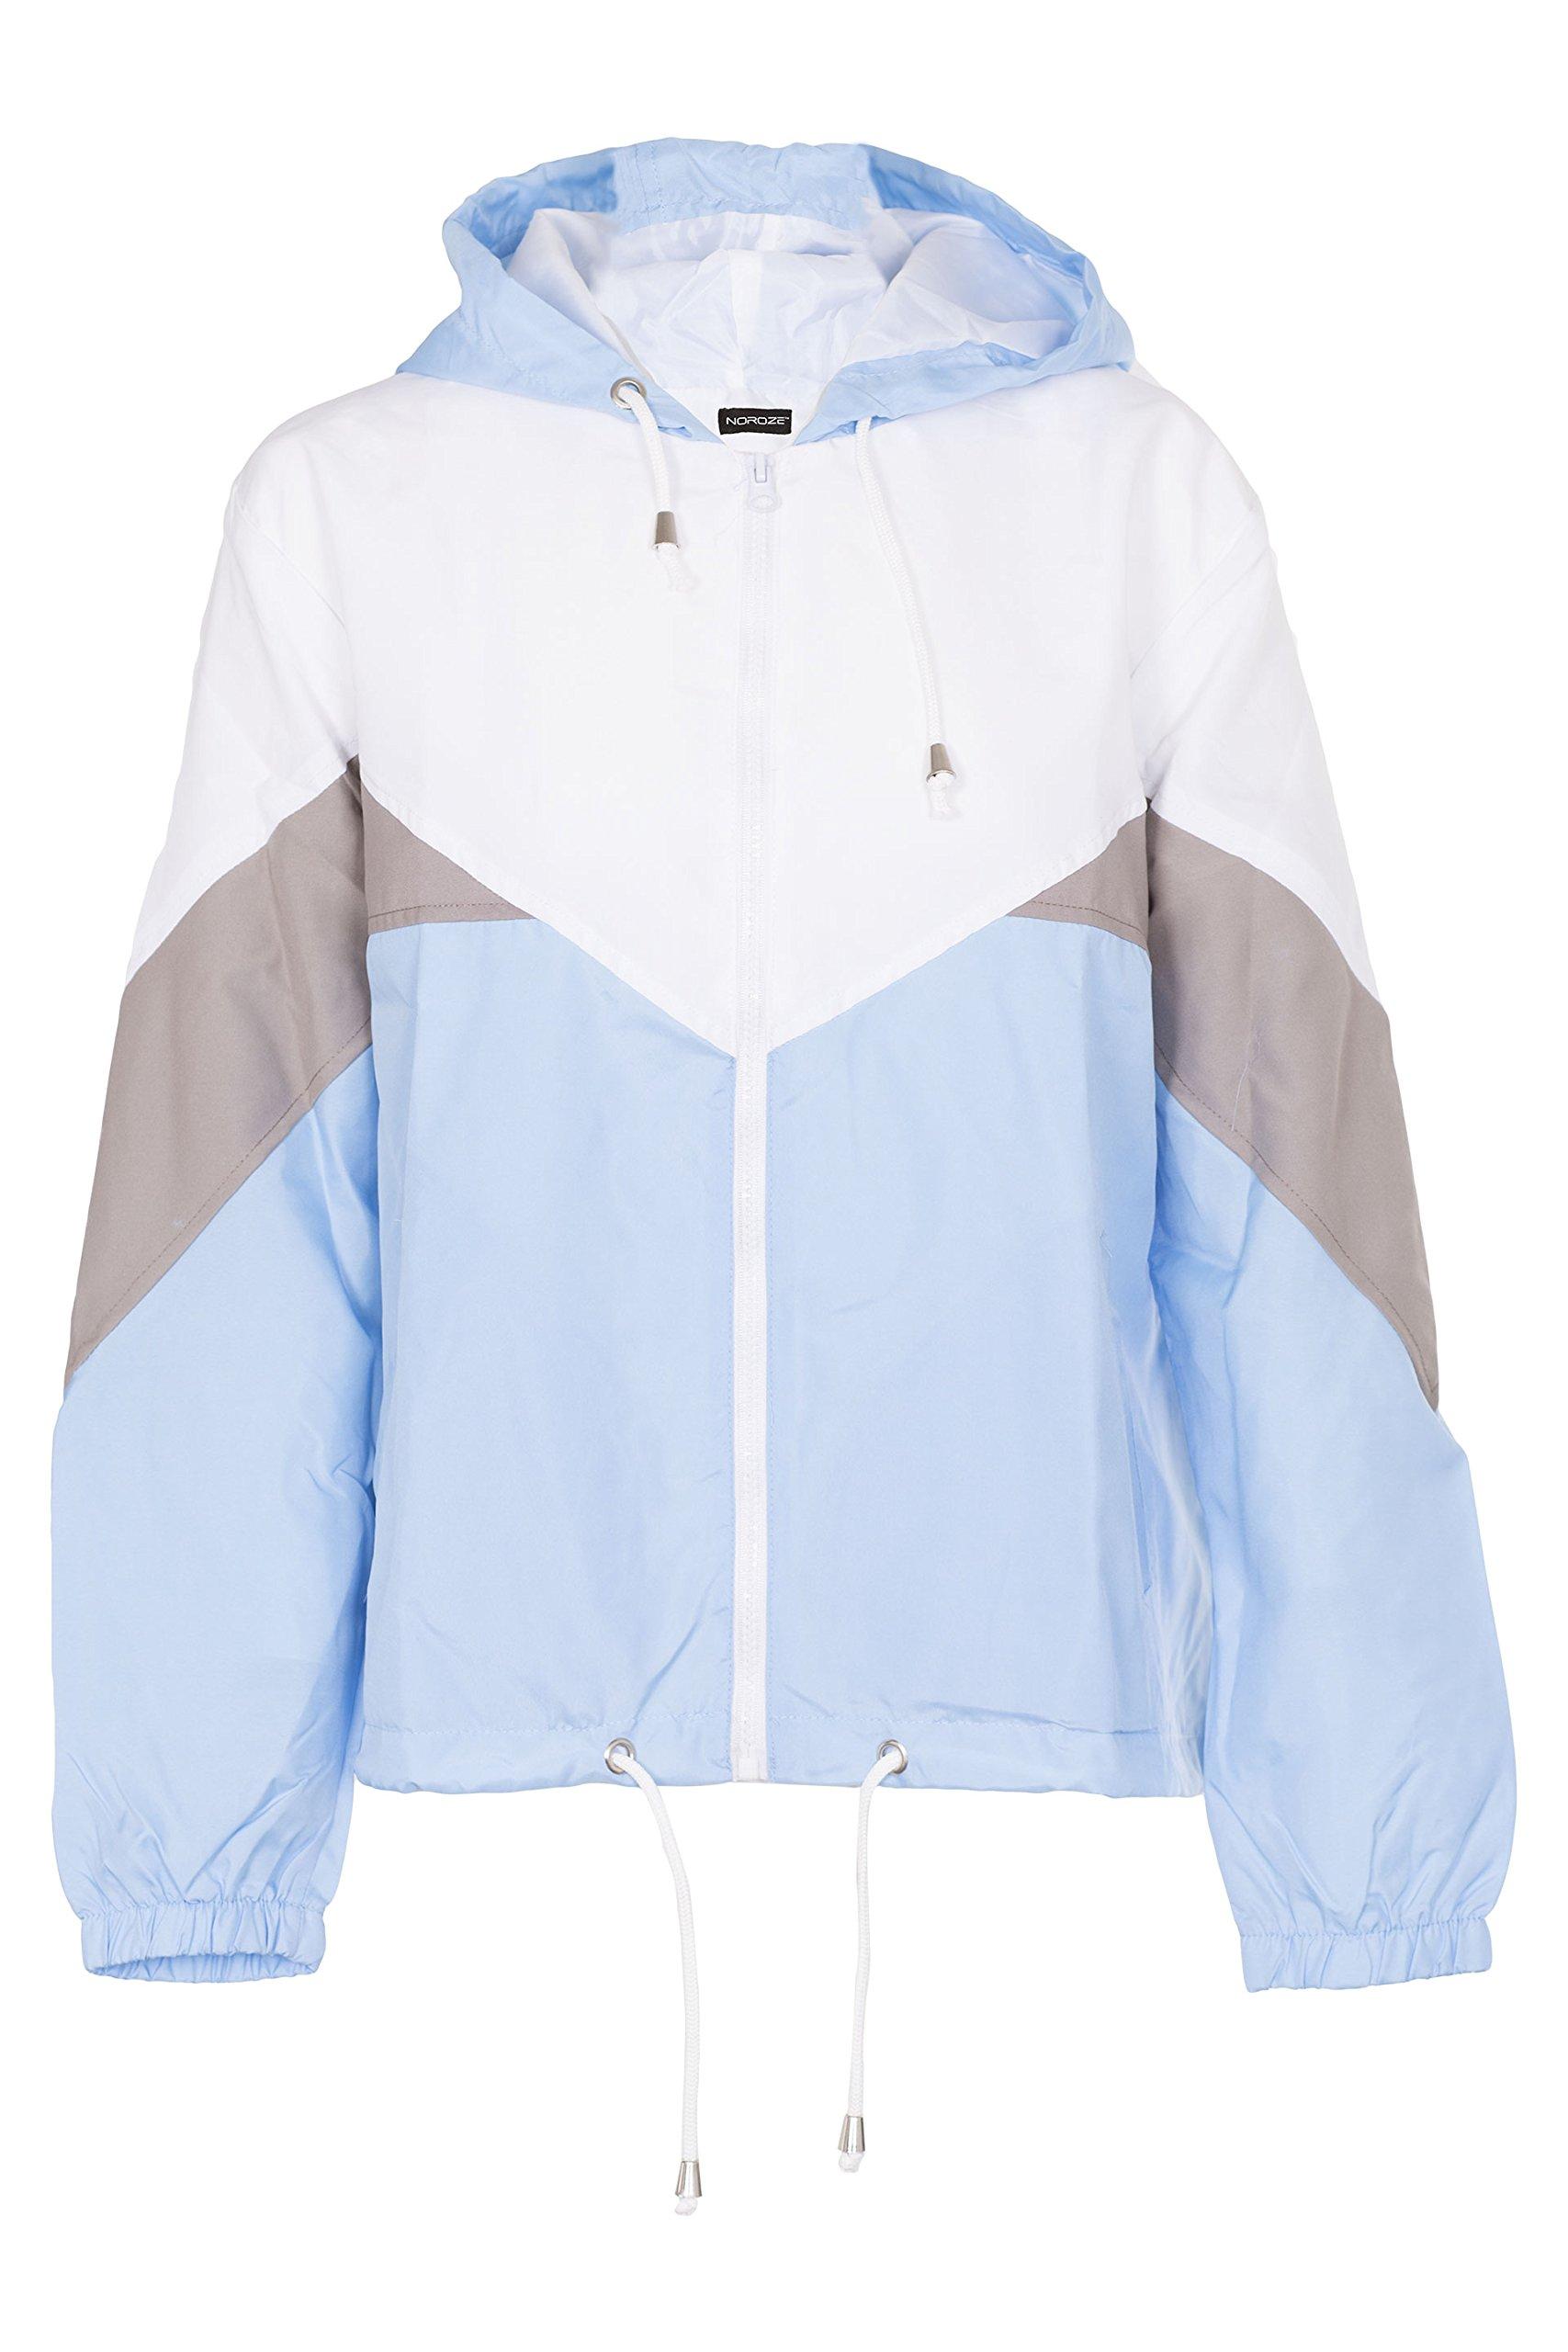 Noroze Women Hooded Panel Wind Breaker Jacket Summer Top (S, Blue)